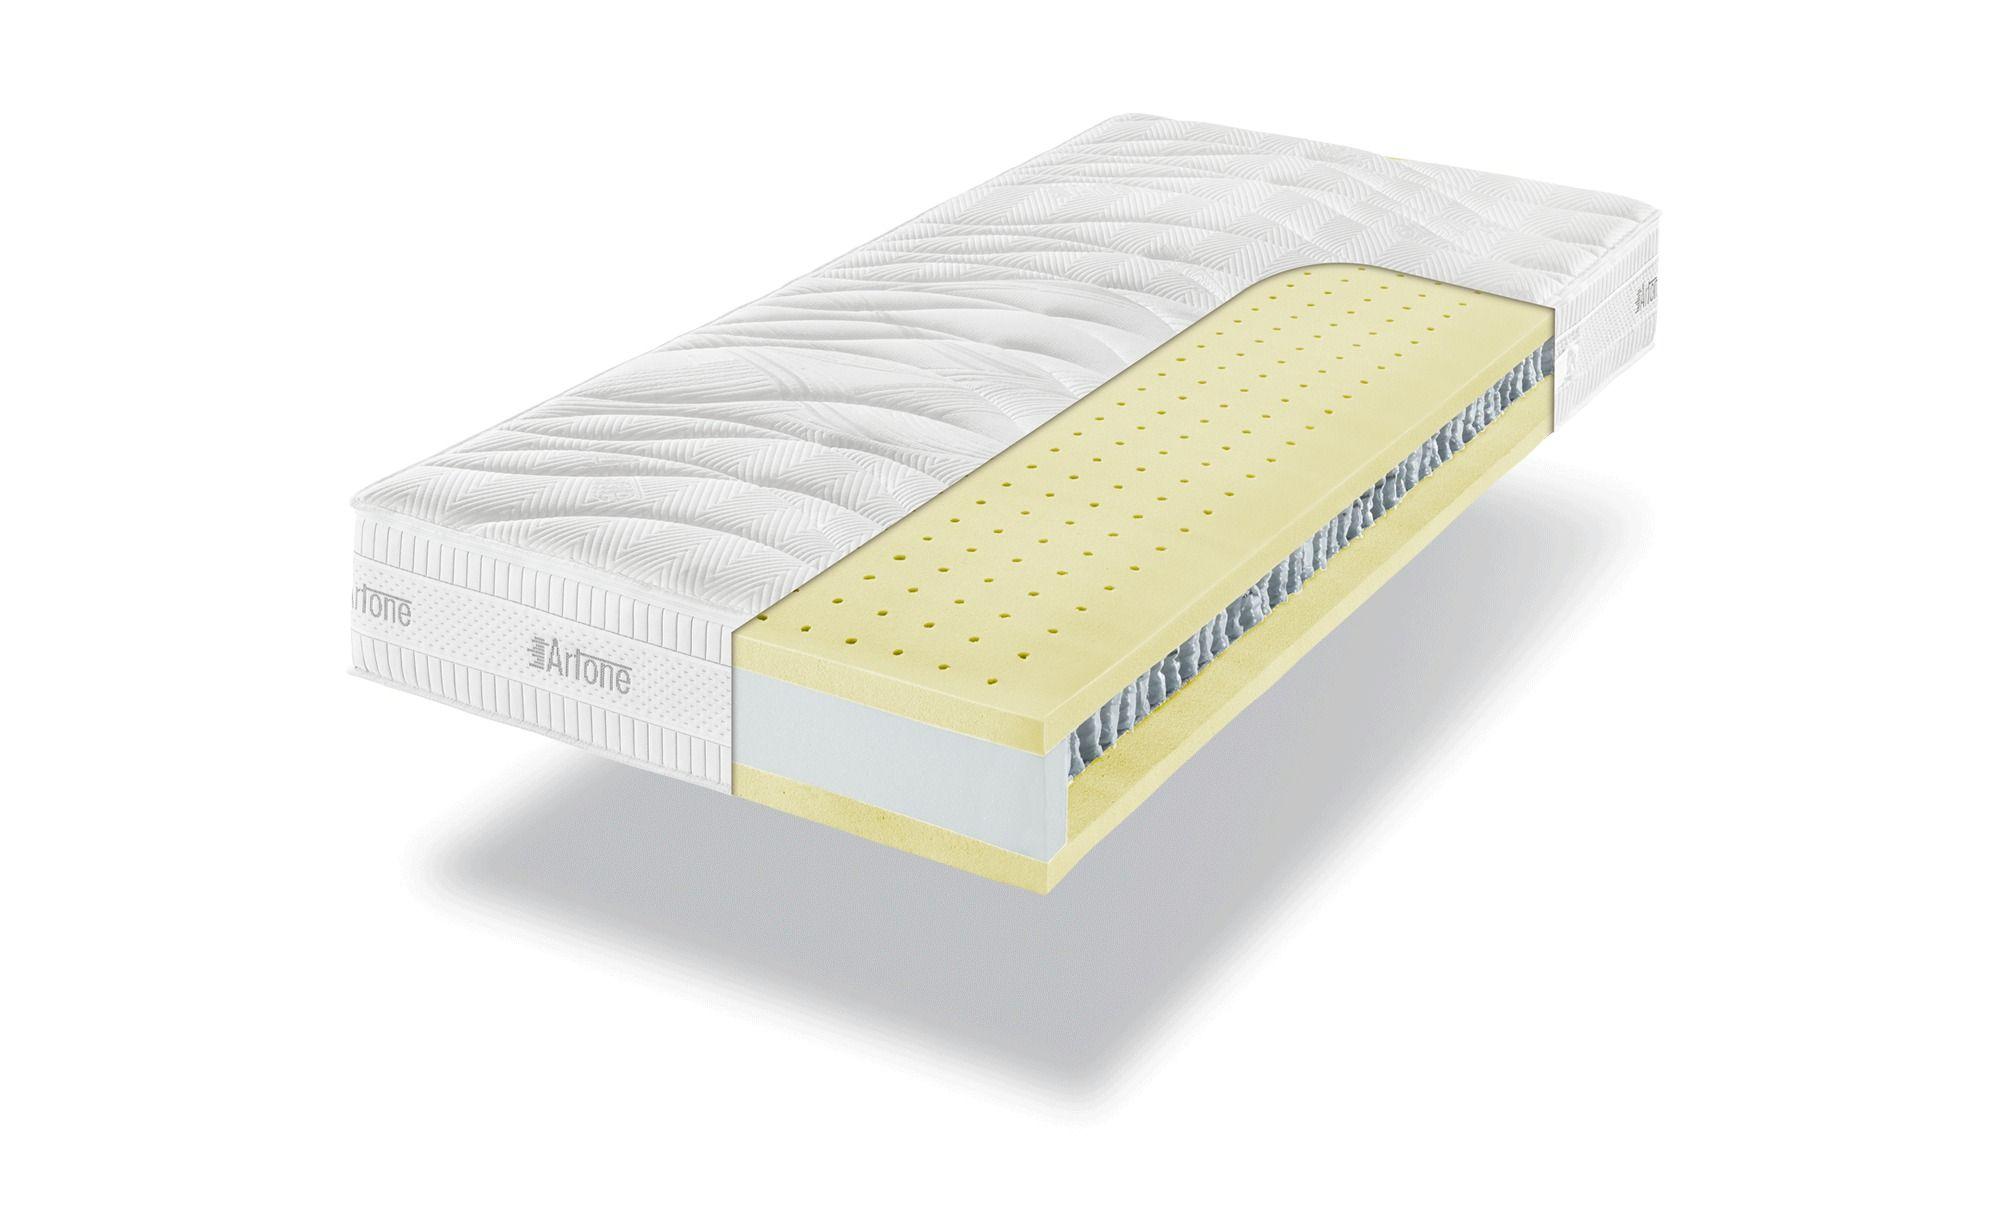 Artone 7 Zonen Tonnentaschenfederkern Matratze Top 1000 B T Matratze Tonne Und Diy Recyceln